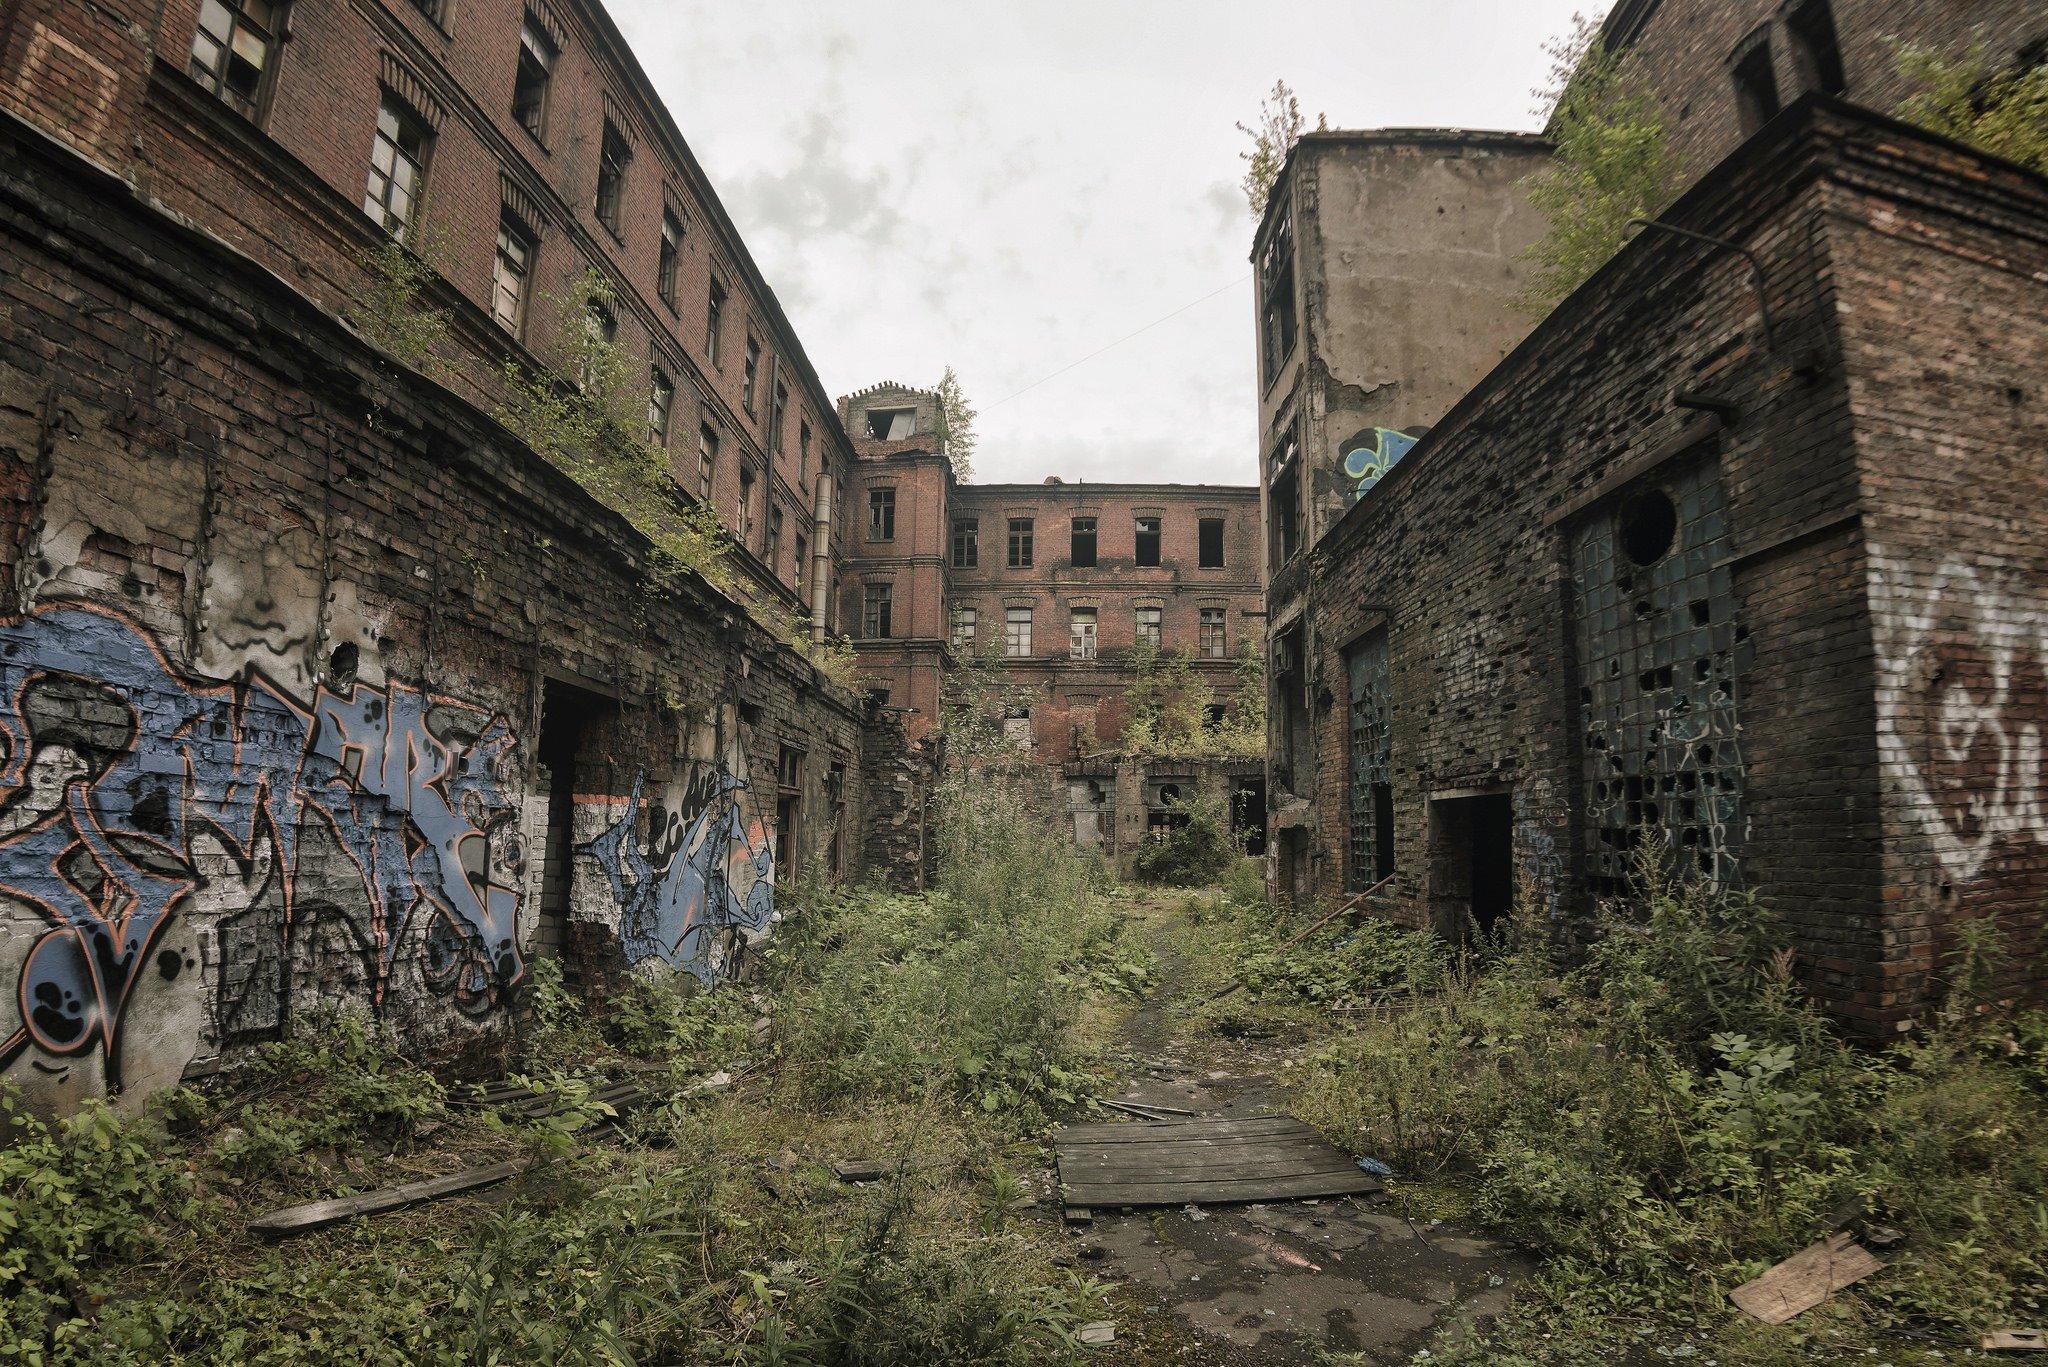 Находки в заброшенных местах фото несколько